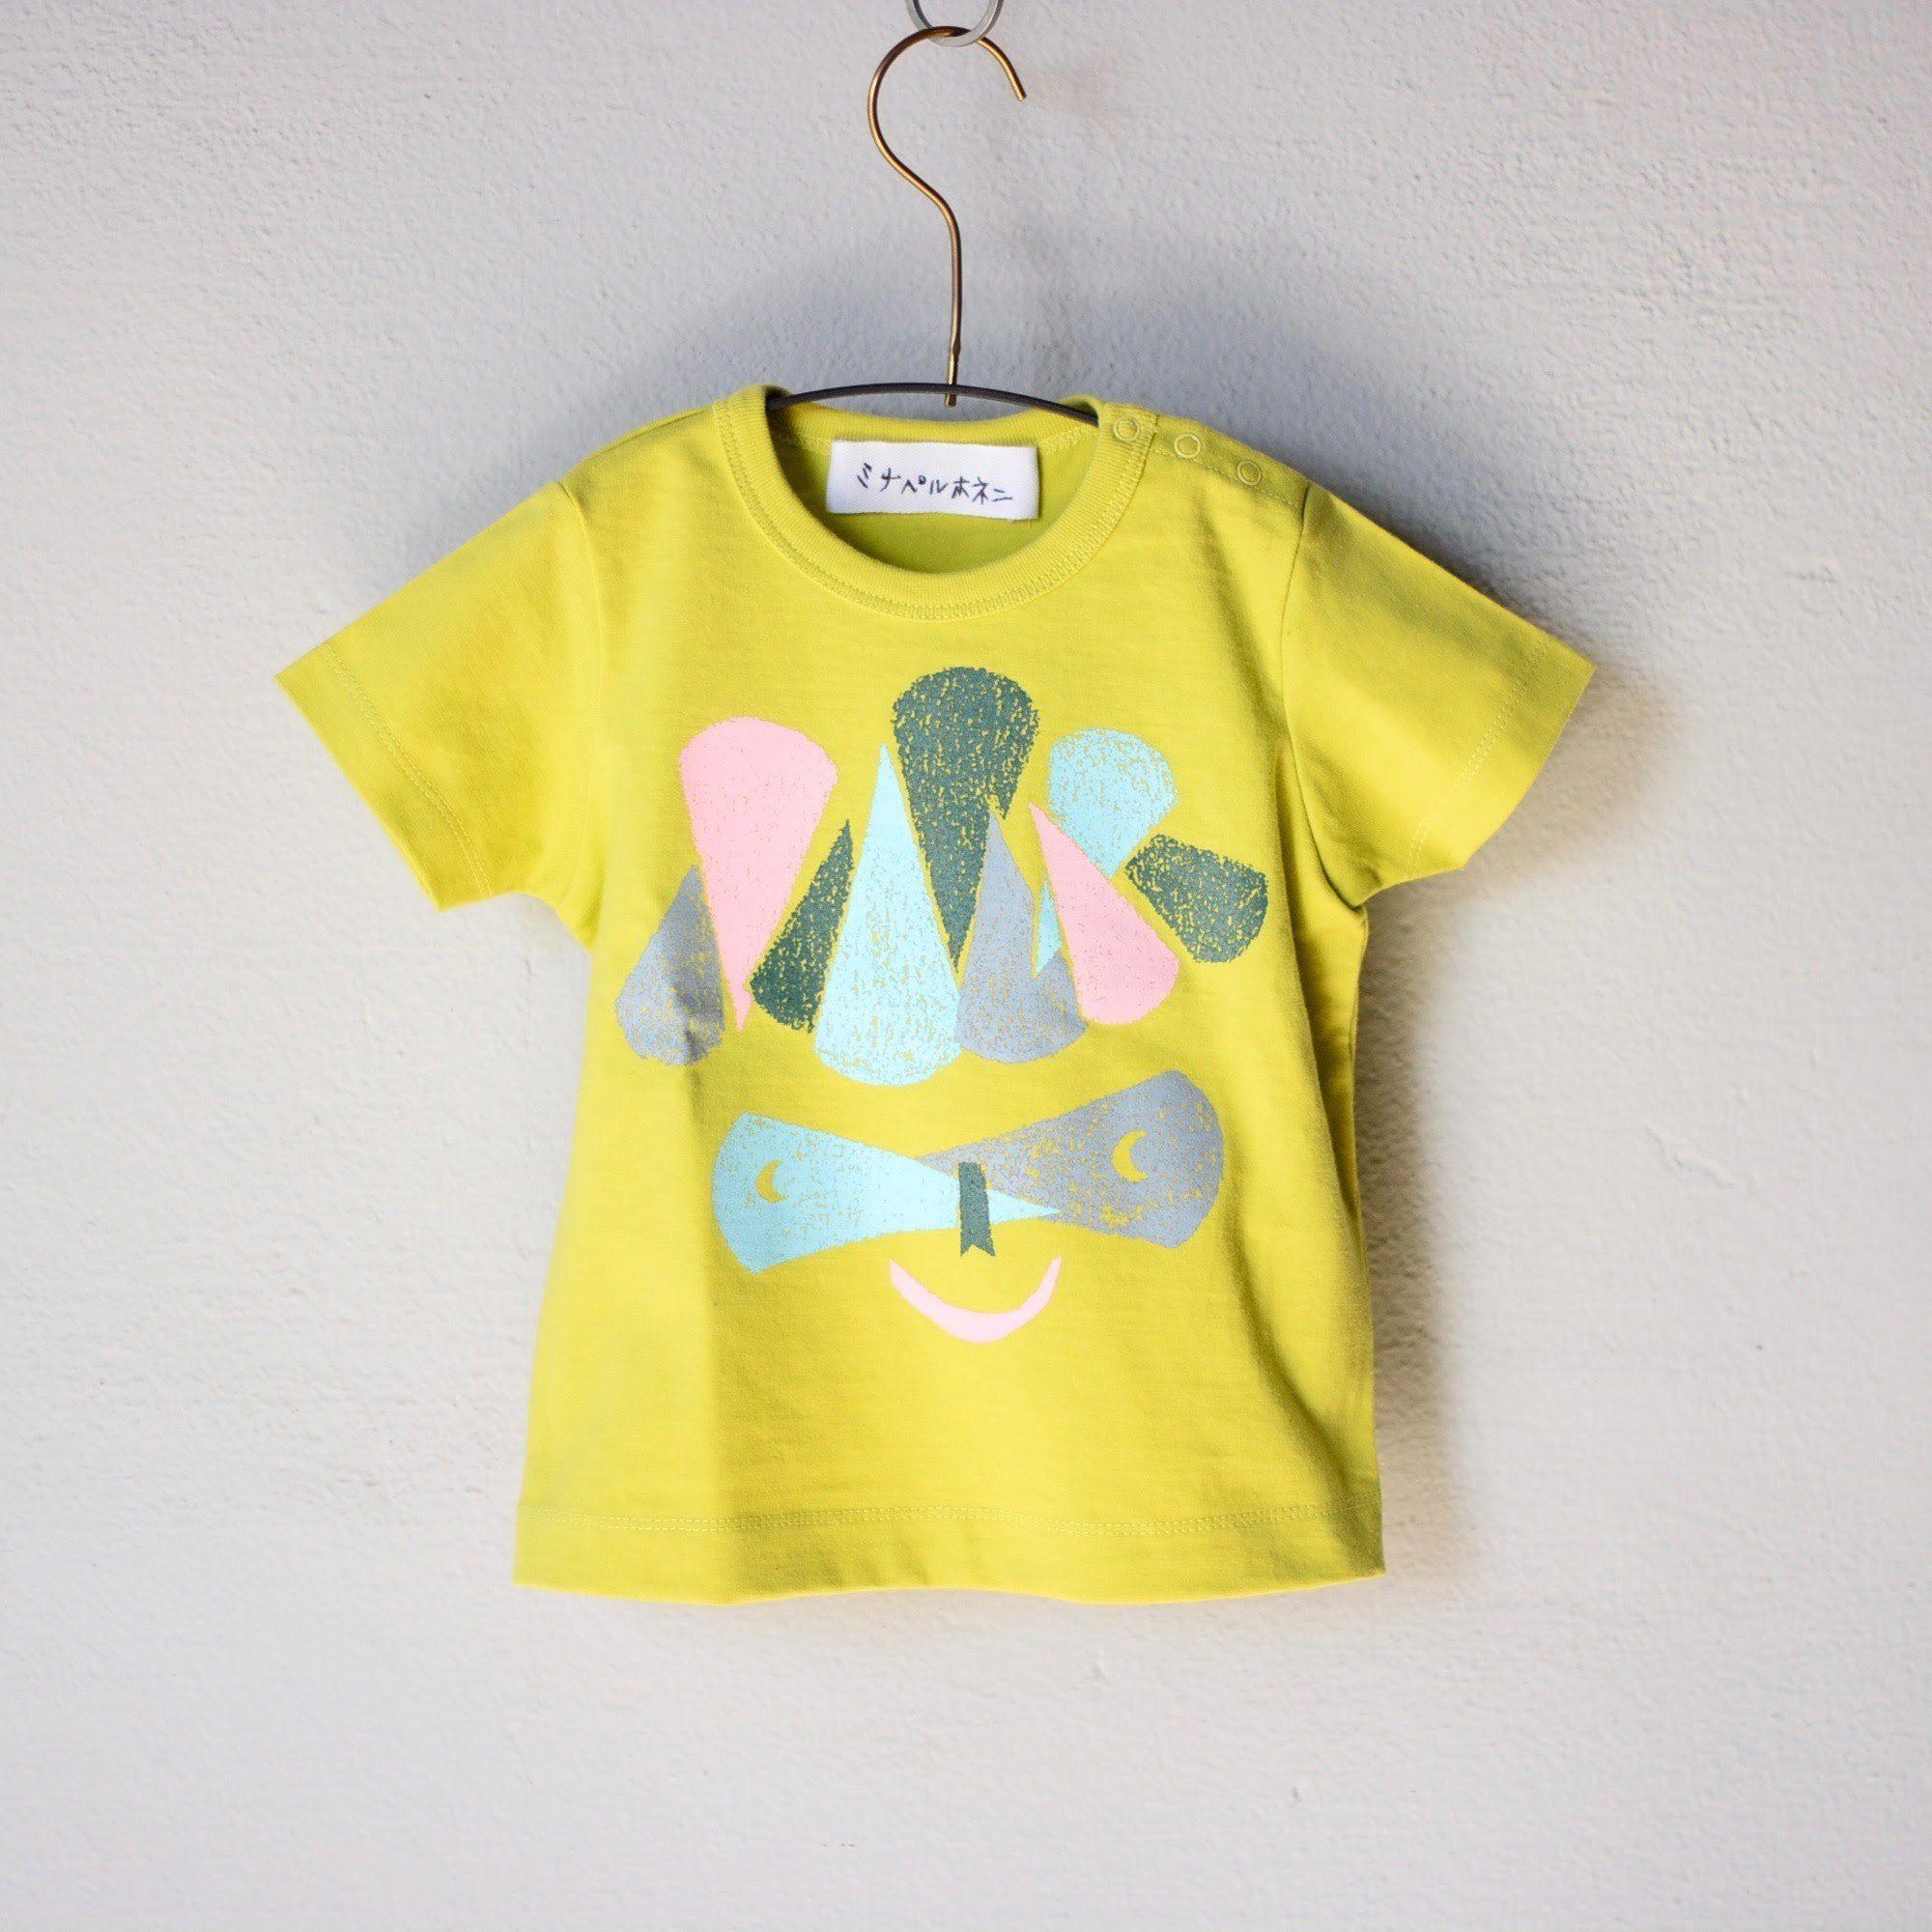 """【 ミナペルホネン 18SS 】 Tシャツ """"M.Crocus"""" / yellow  / 110-130cm  (WS8883P)"""